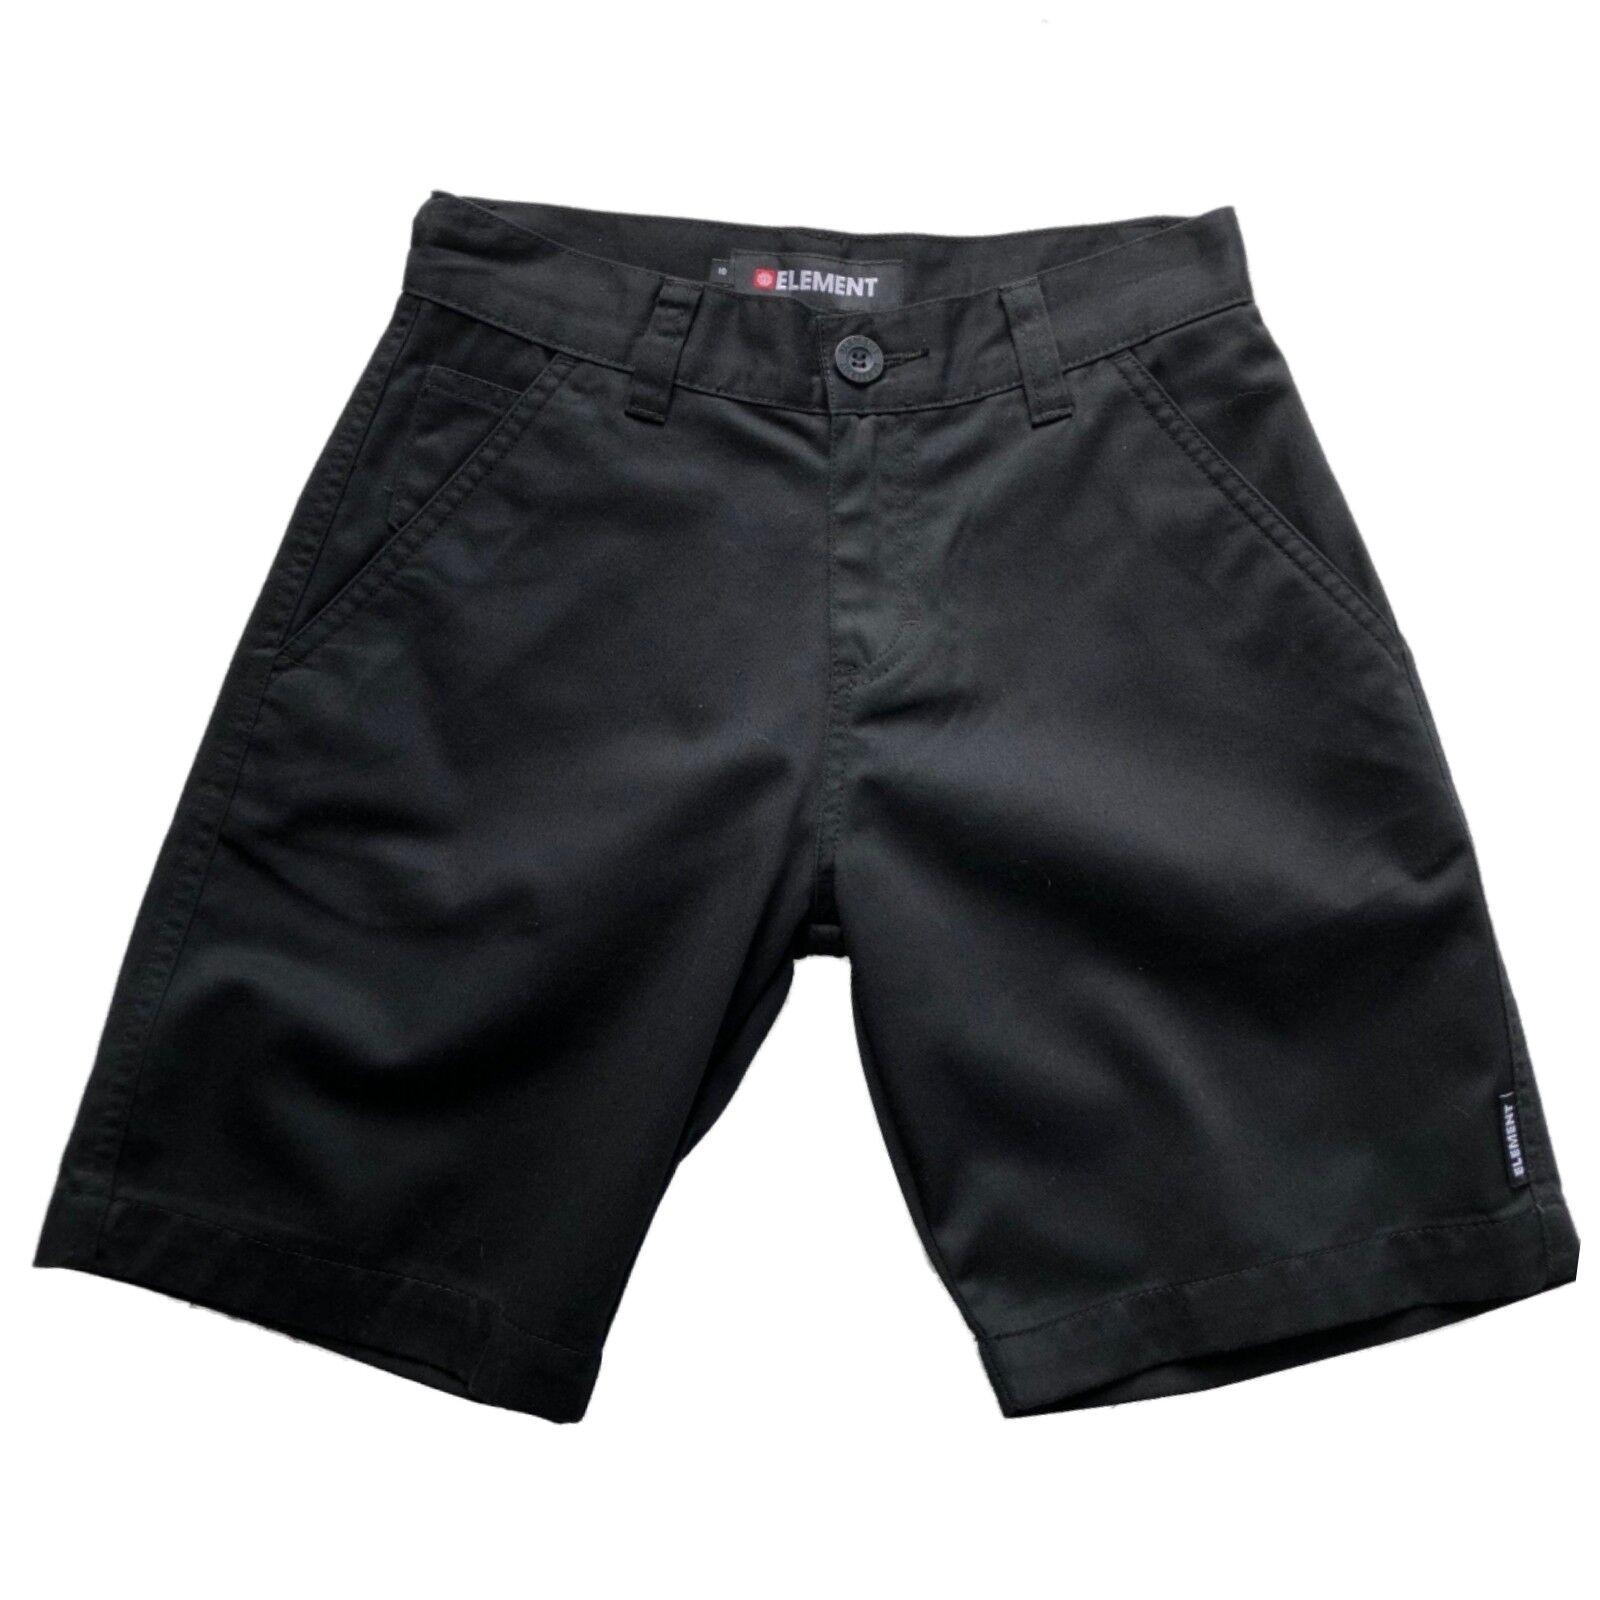 Badehose Shorts Boardwear Element Herren Jungen NEU